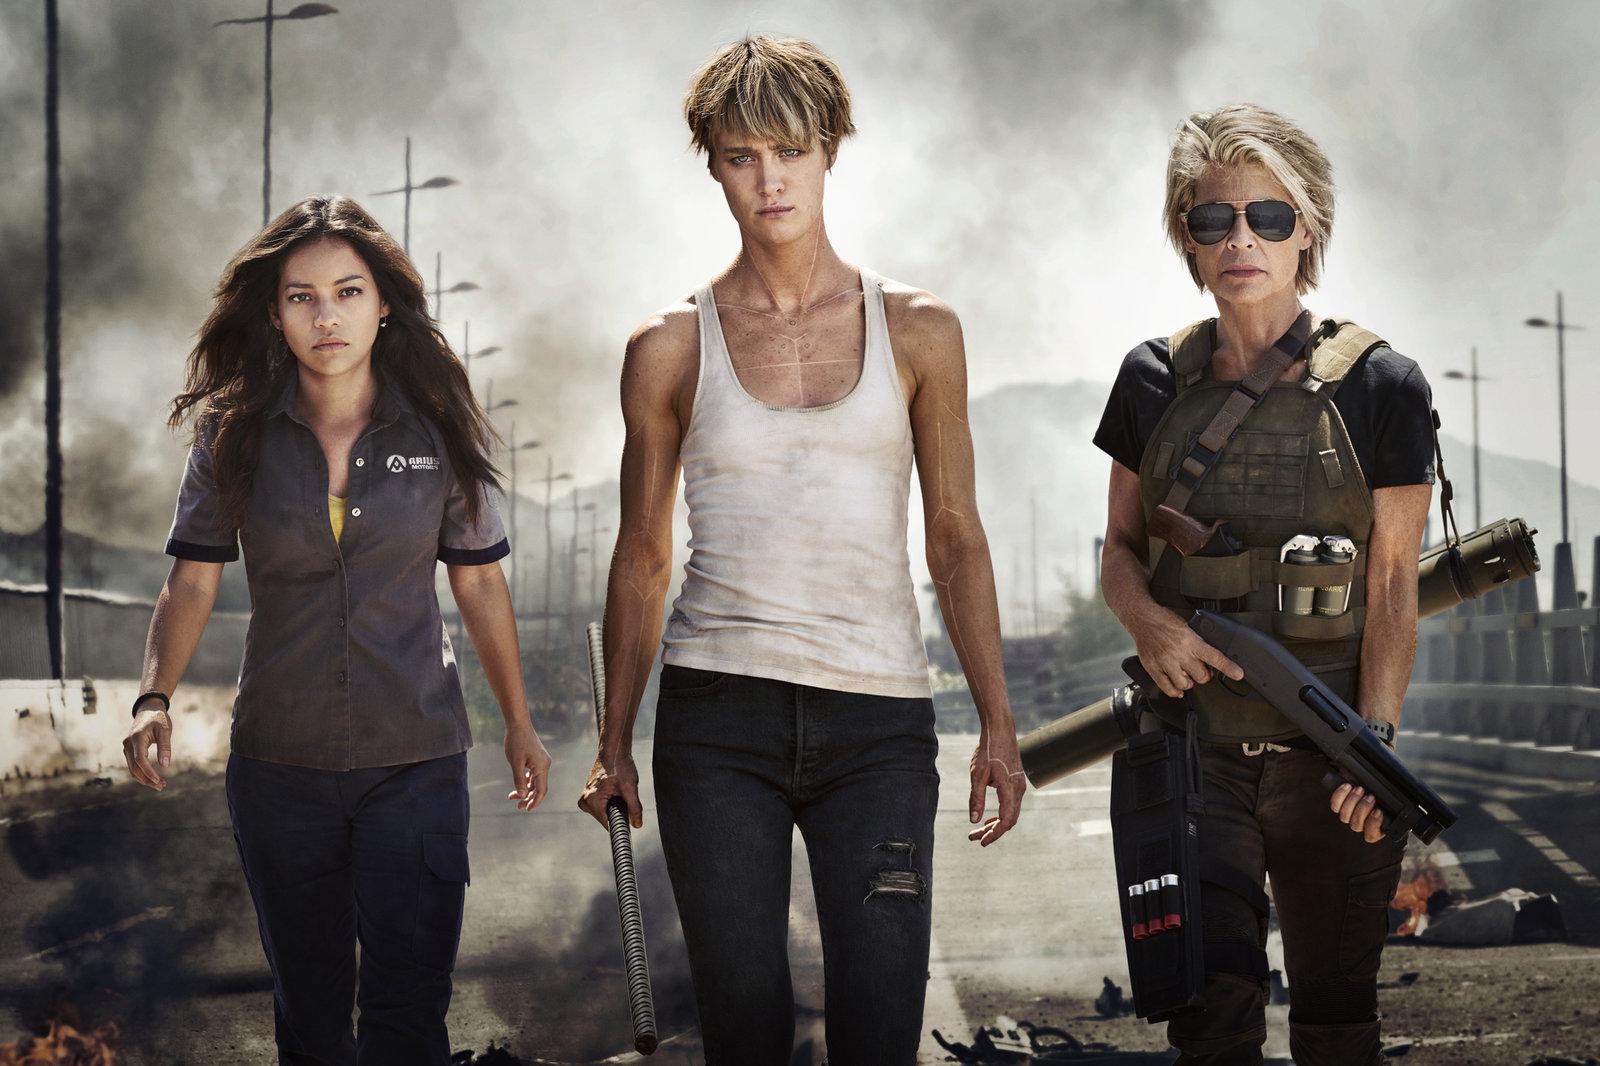 Terminator, Terminators